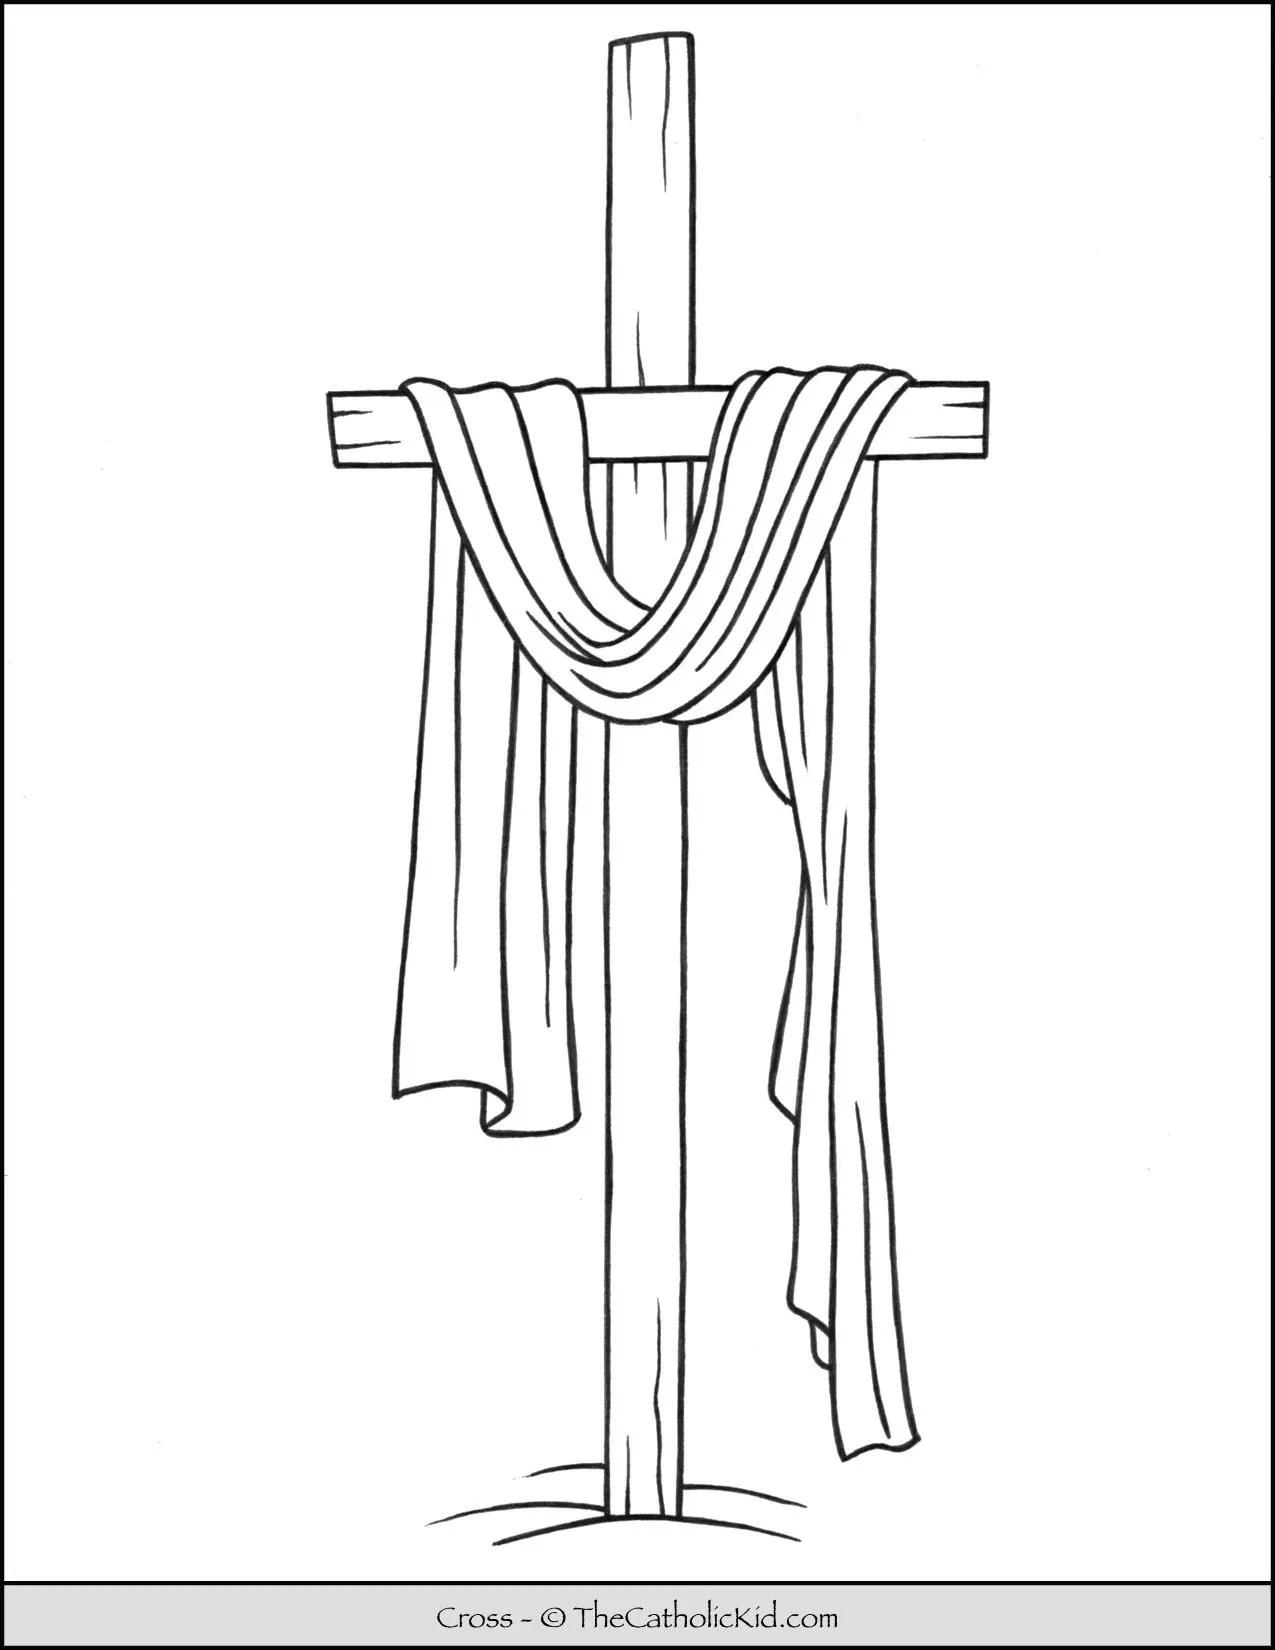 Lent Coloring Page Cross D D